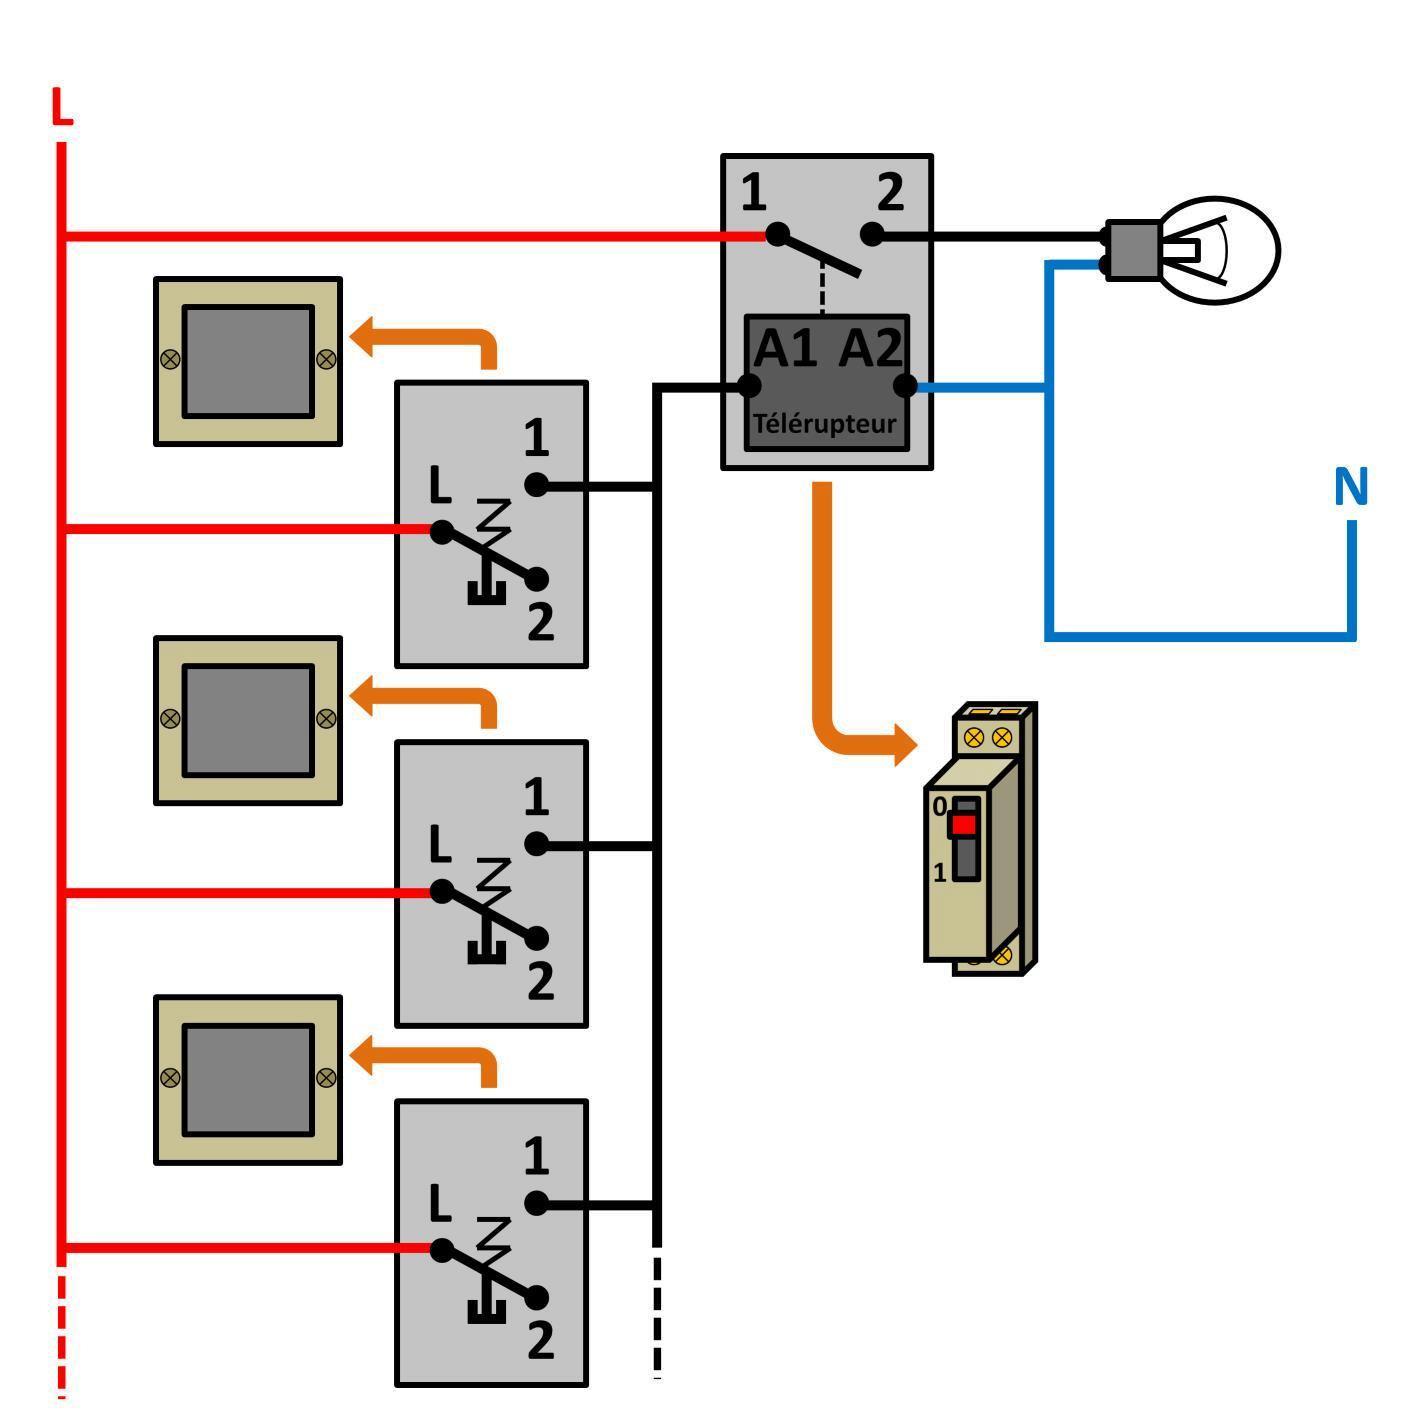 autoconstruction-autoconstructeur-télérupteur